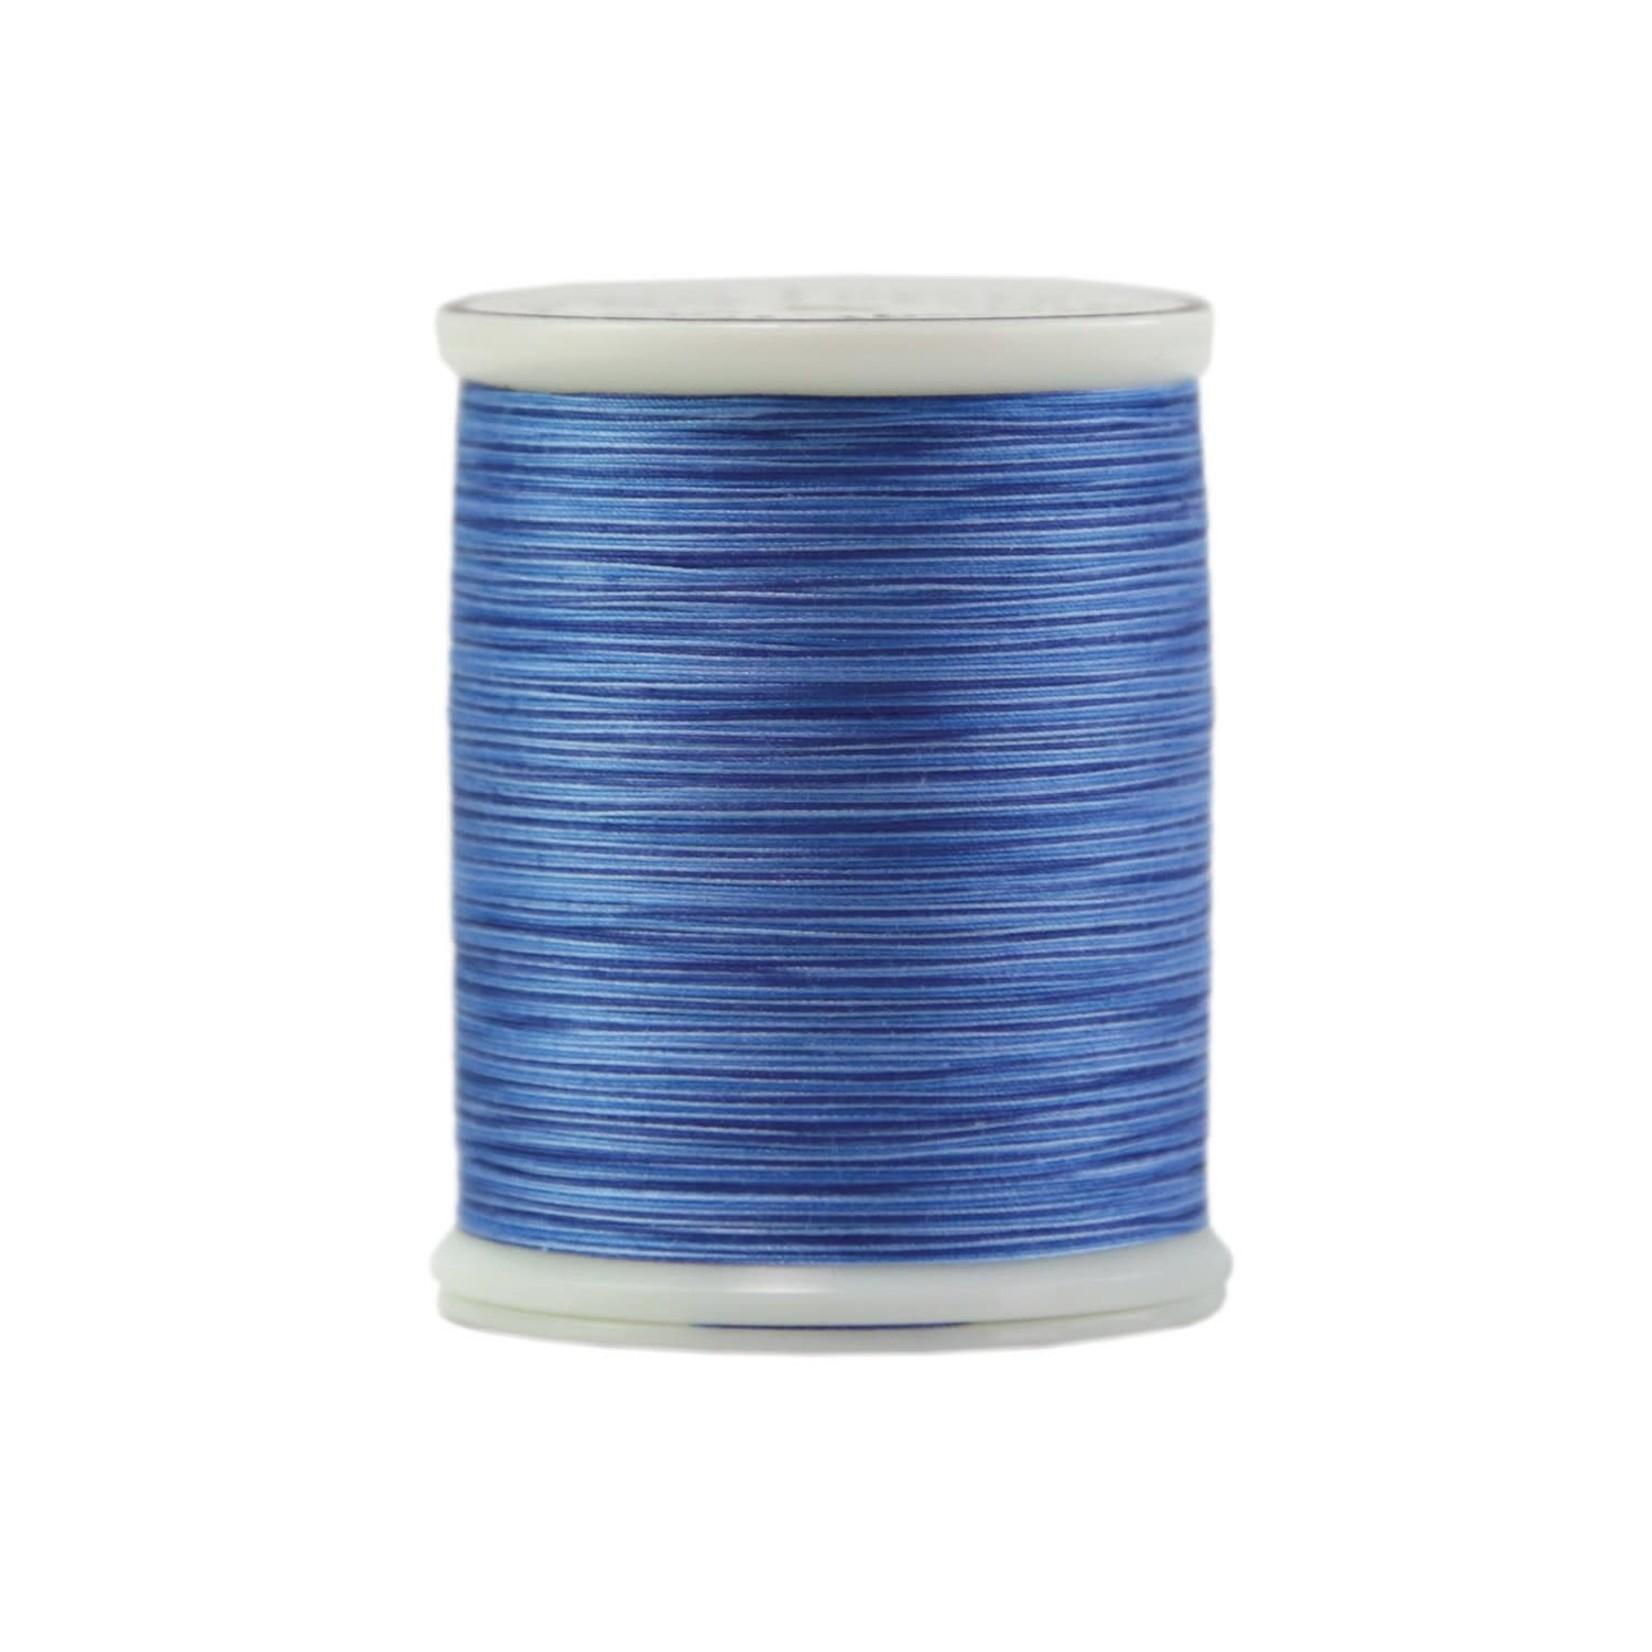 Superior Threads King Tut - #40 - 457 m - 1065 Wild Blue Yonder